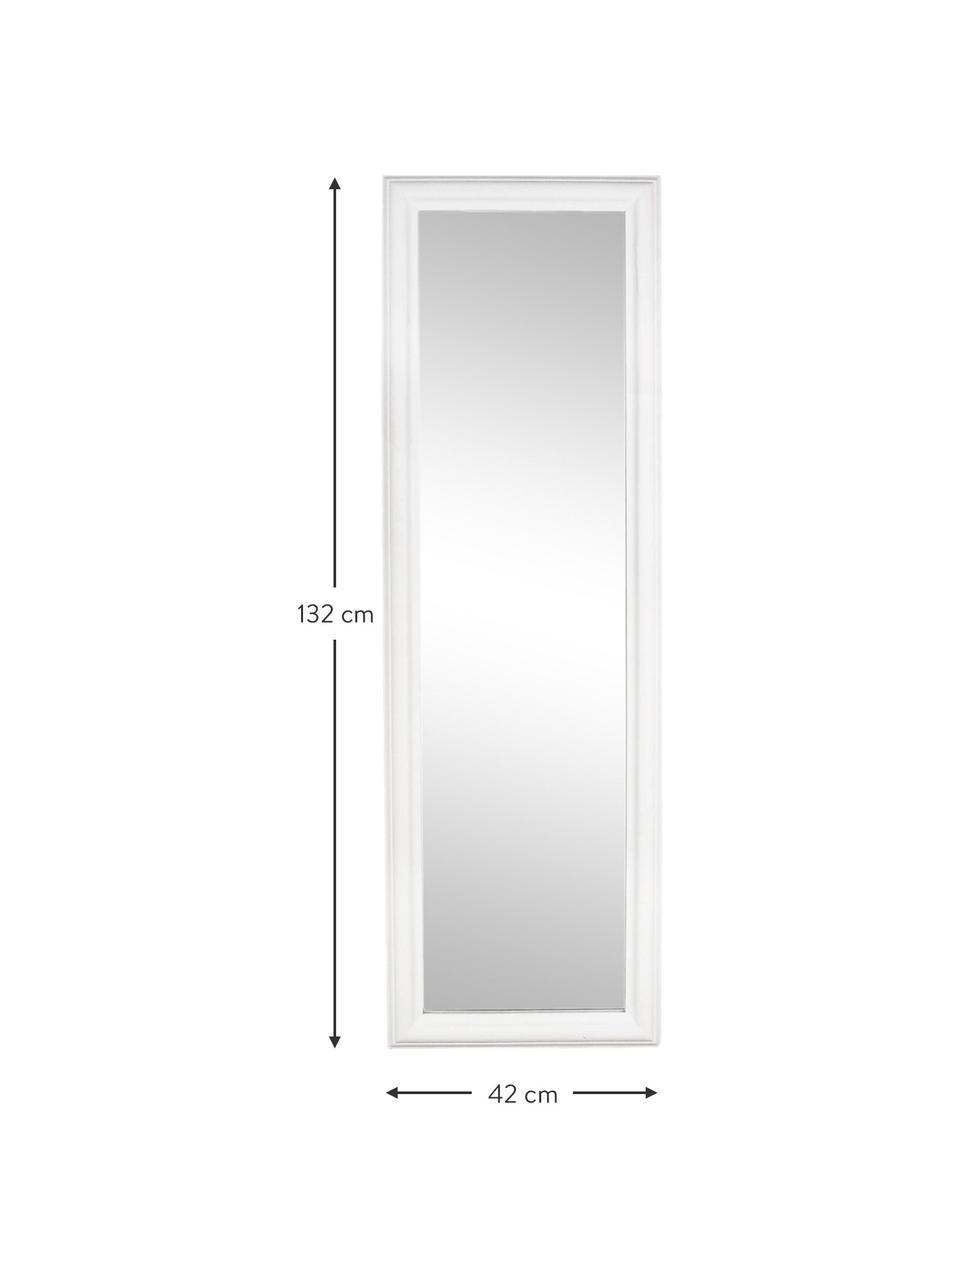 Specchio da parete con cornice in legno Sanzio, Cornice: legno di paulownia rivest, Superficie dello specchio: lastra di vetro, Bianco, Larg. 42 x Alt. 132 cm